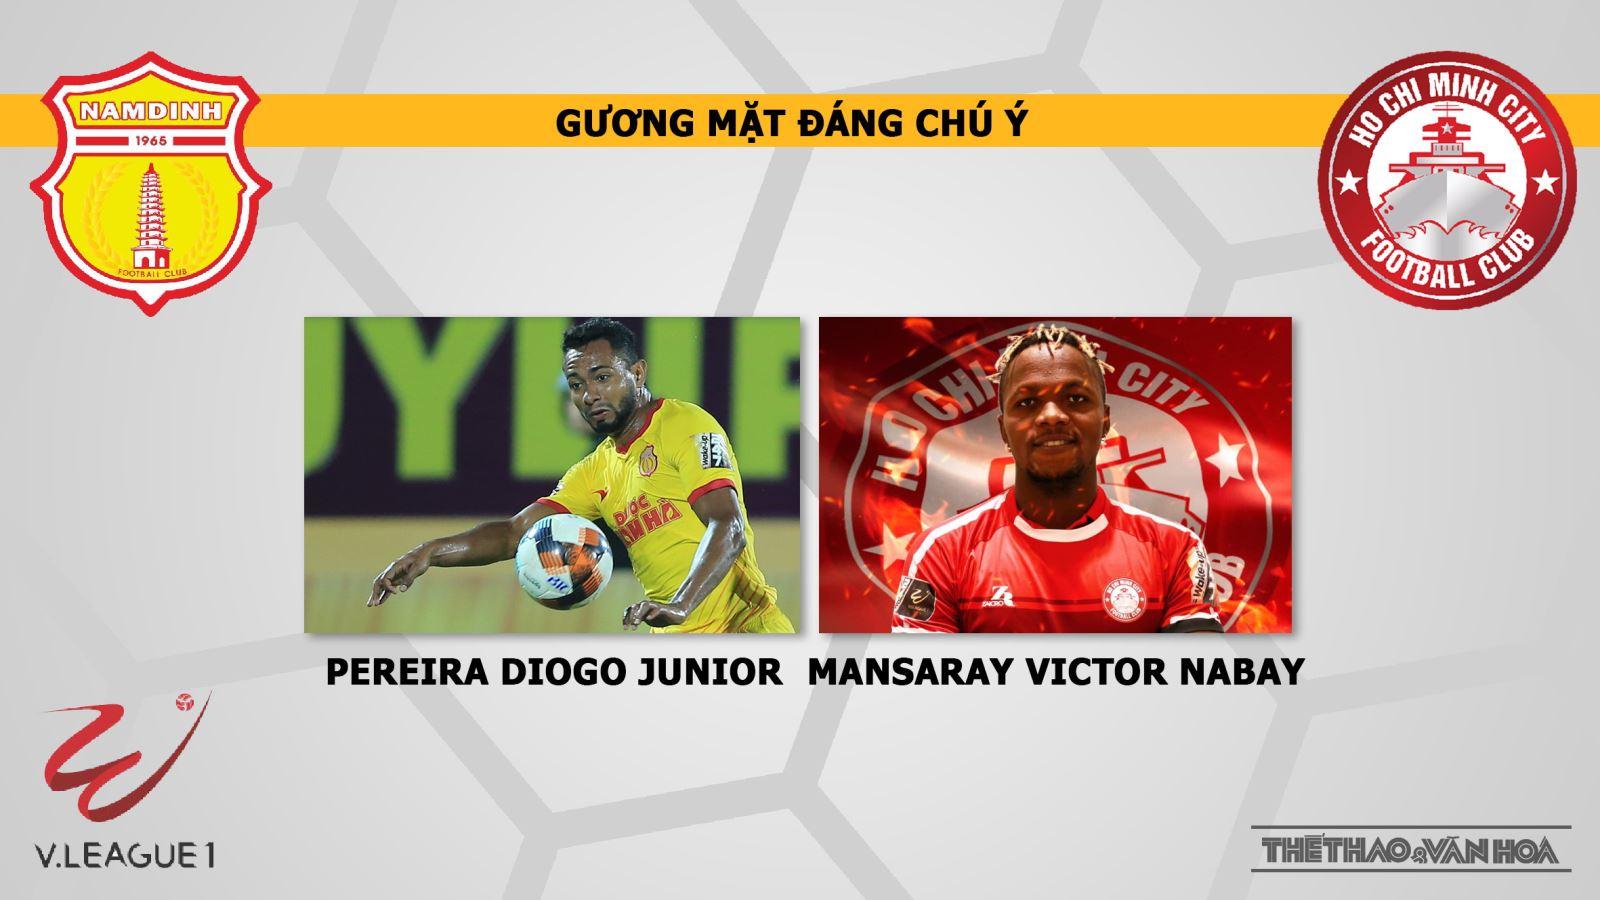 bong da, truc tiep bong da hôm nay, Nam Định vs TPHCM, trực tiếp bóng đá, Nam Định đấu với TPHCM, xem bong da truc tuyen, VTV6, bóng đá TV, Nam Định FC